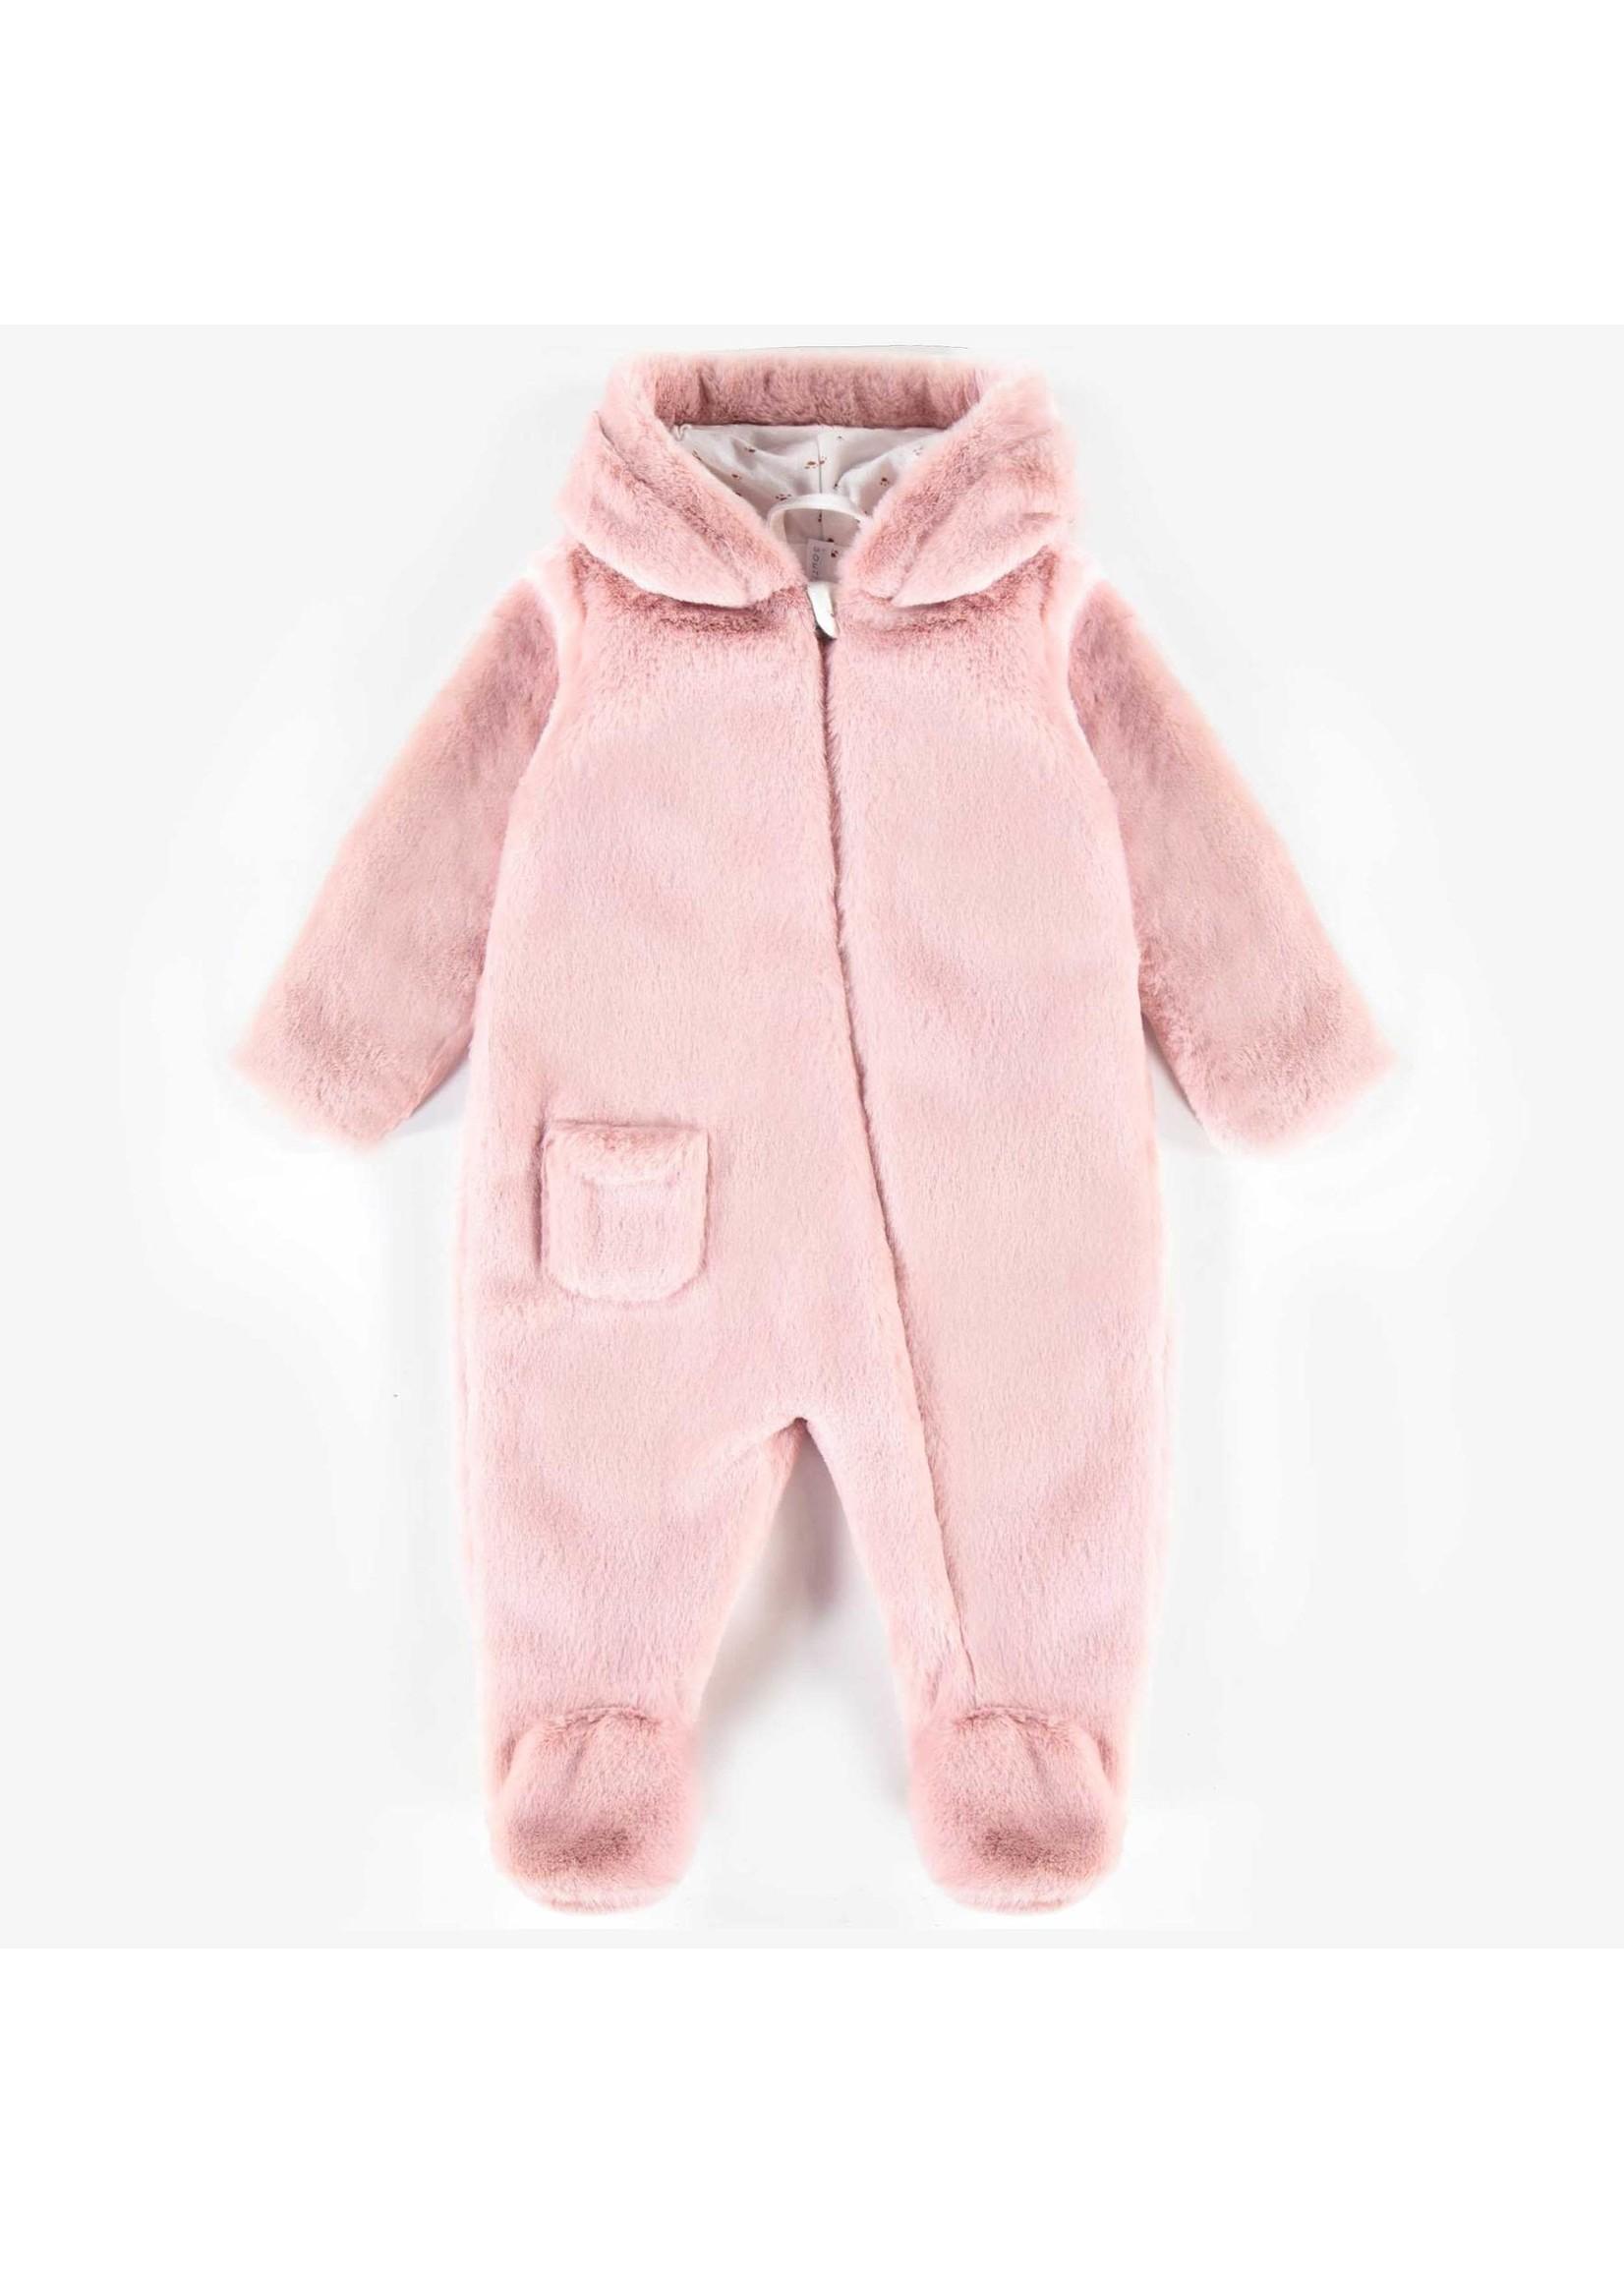 Souris Mini Souris Mini Suit (Pink)